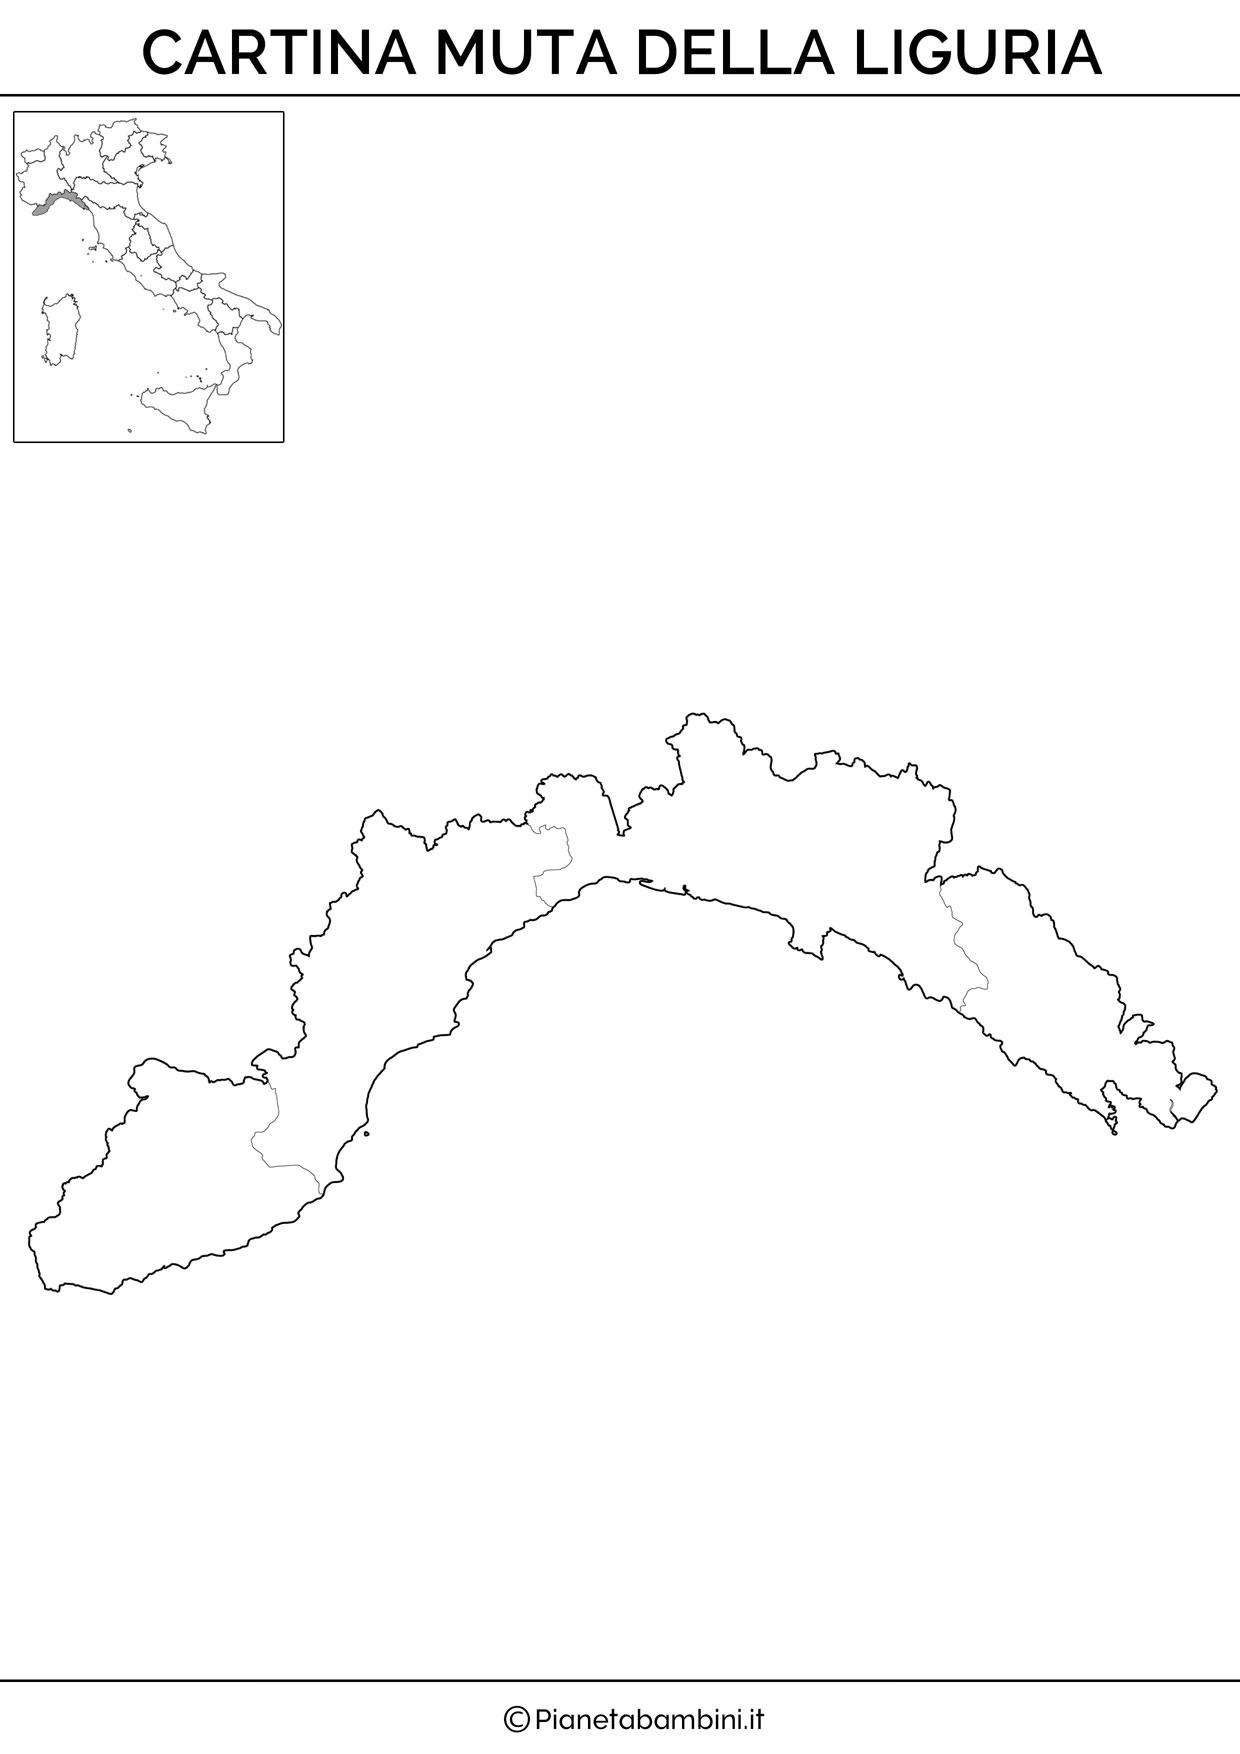 Cartina muta della Liguria da stampare gratis